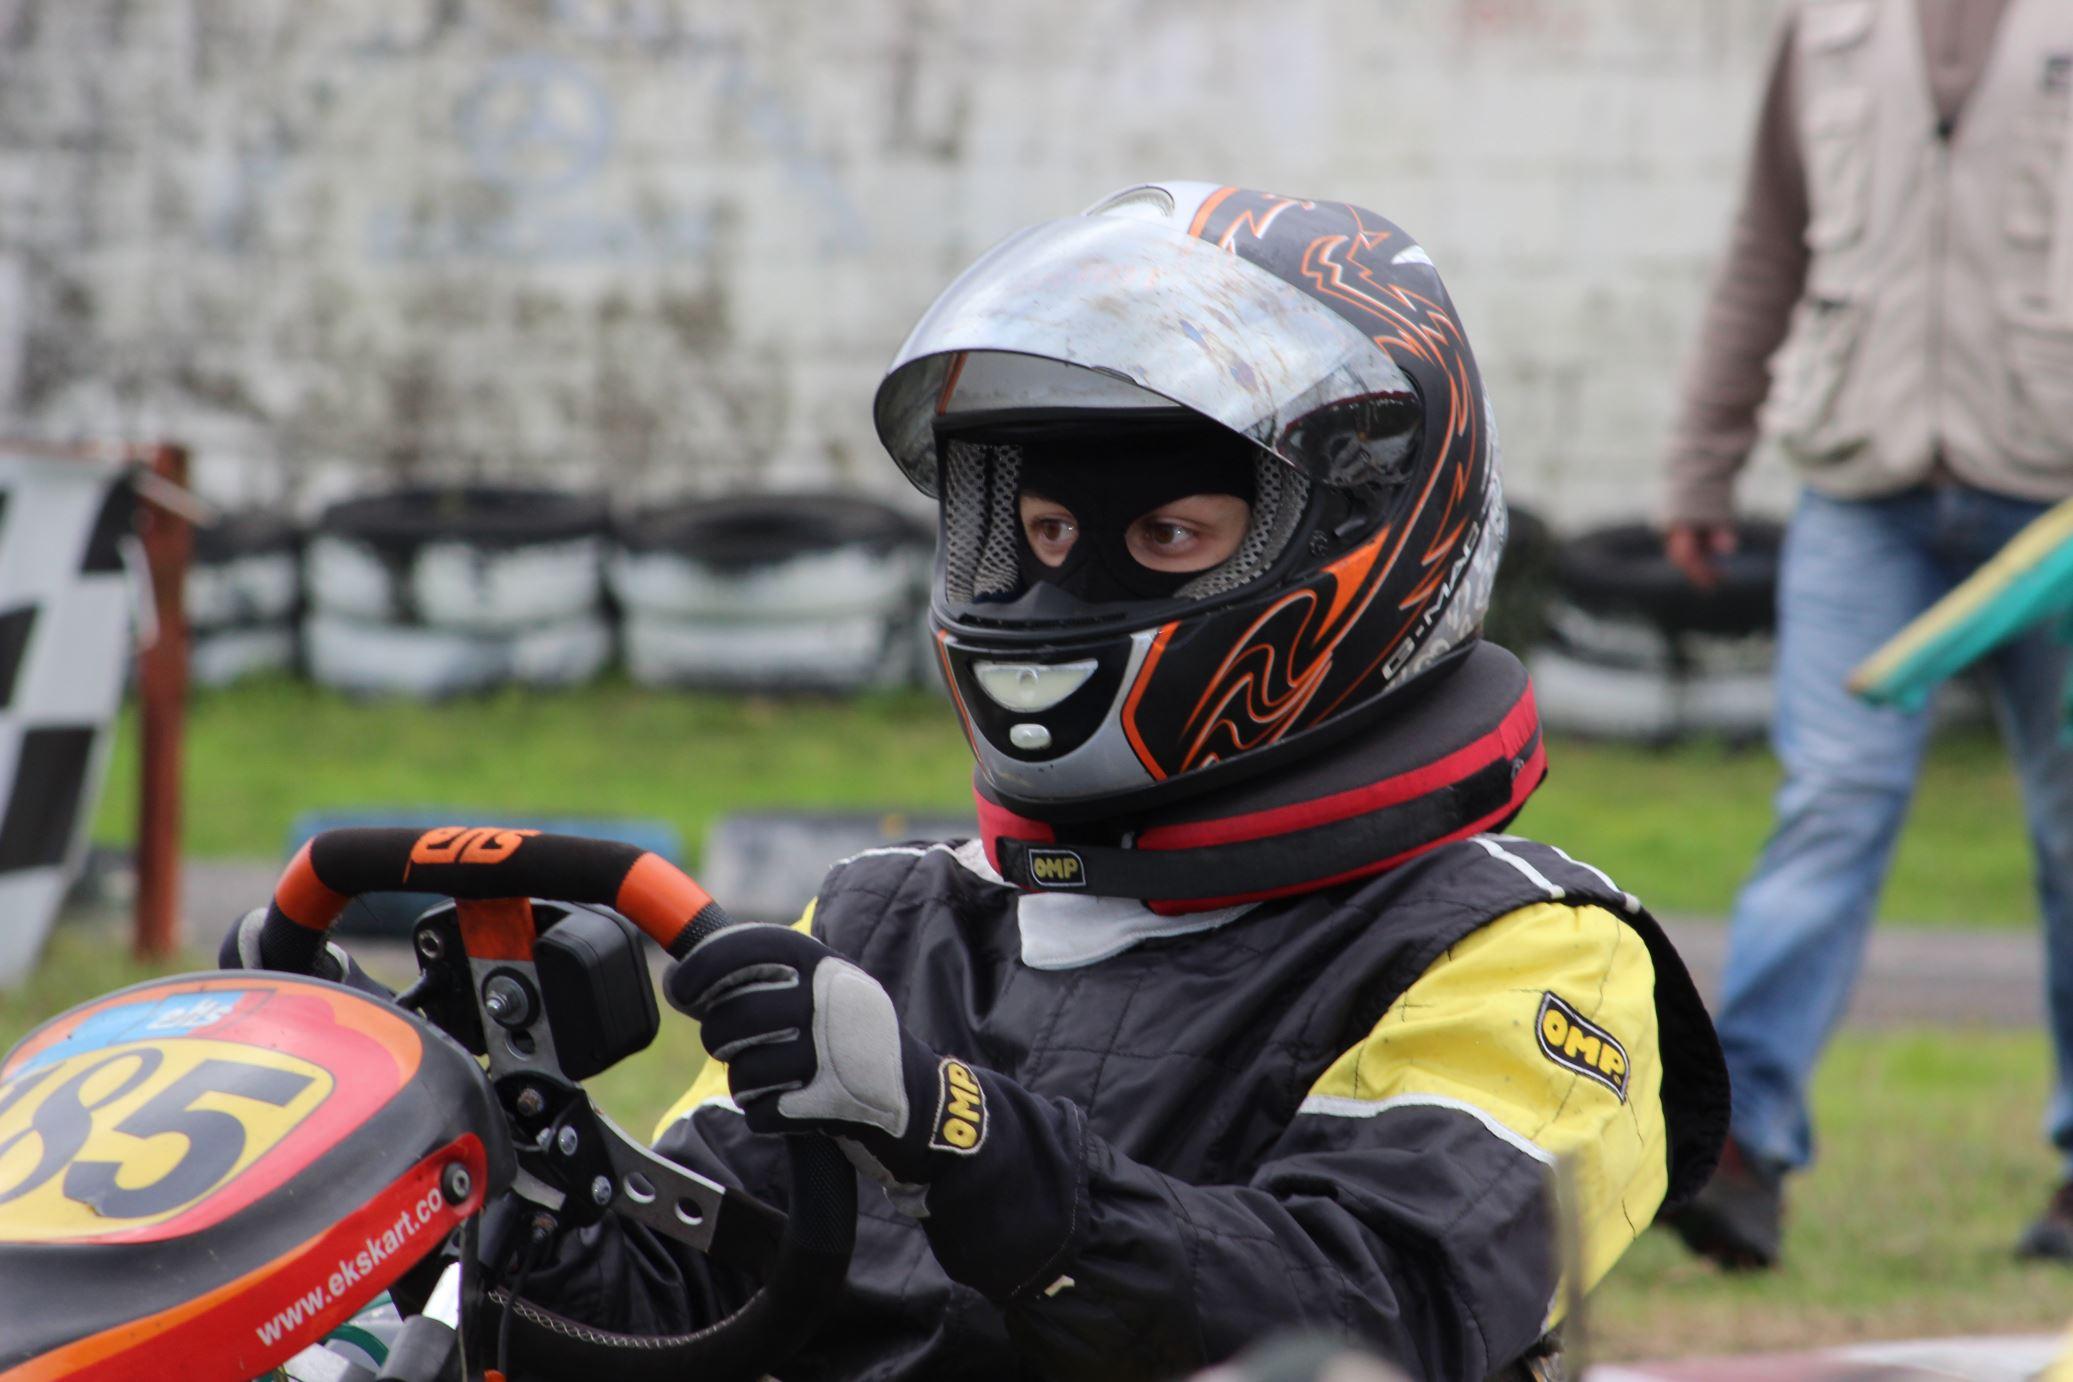 Troféu Honda 2014 - 5ª Prova134